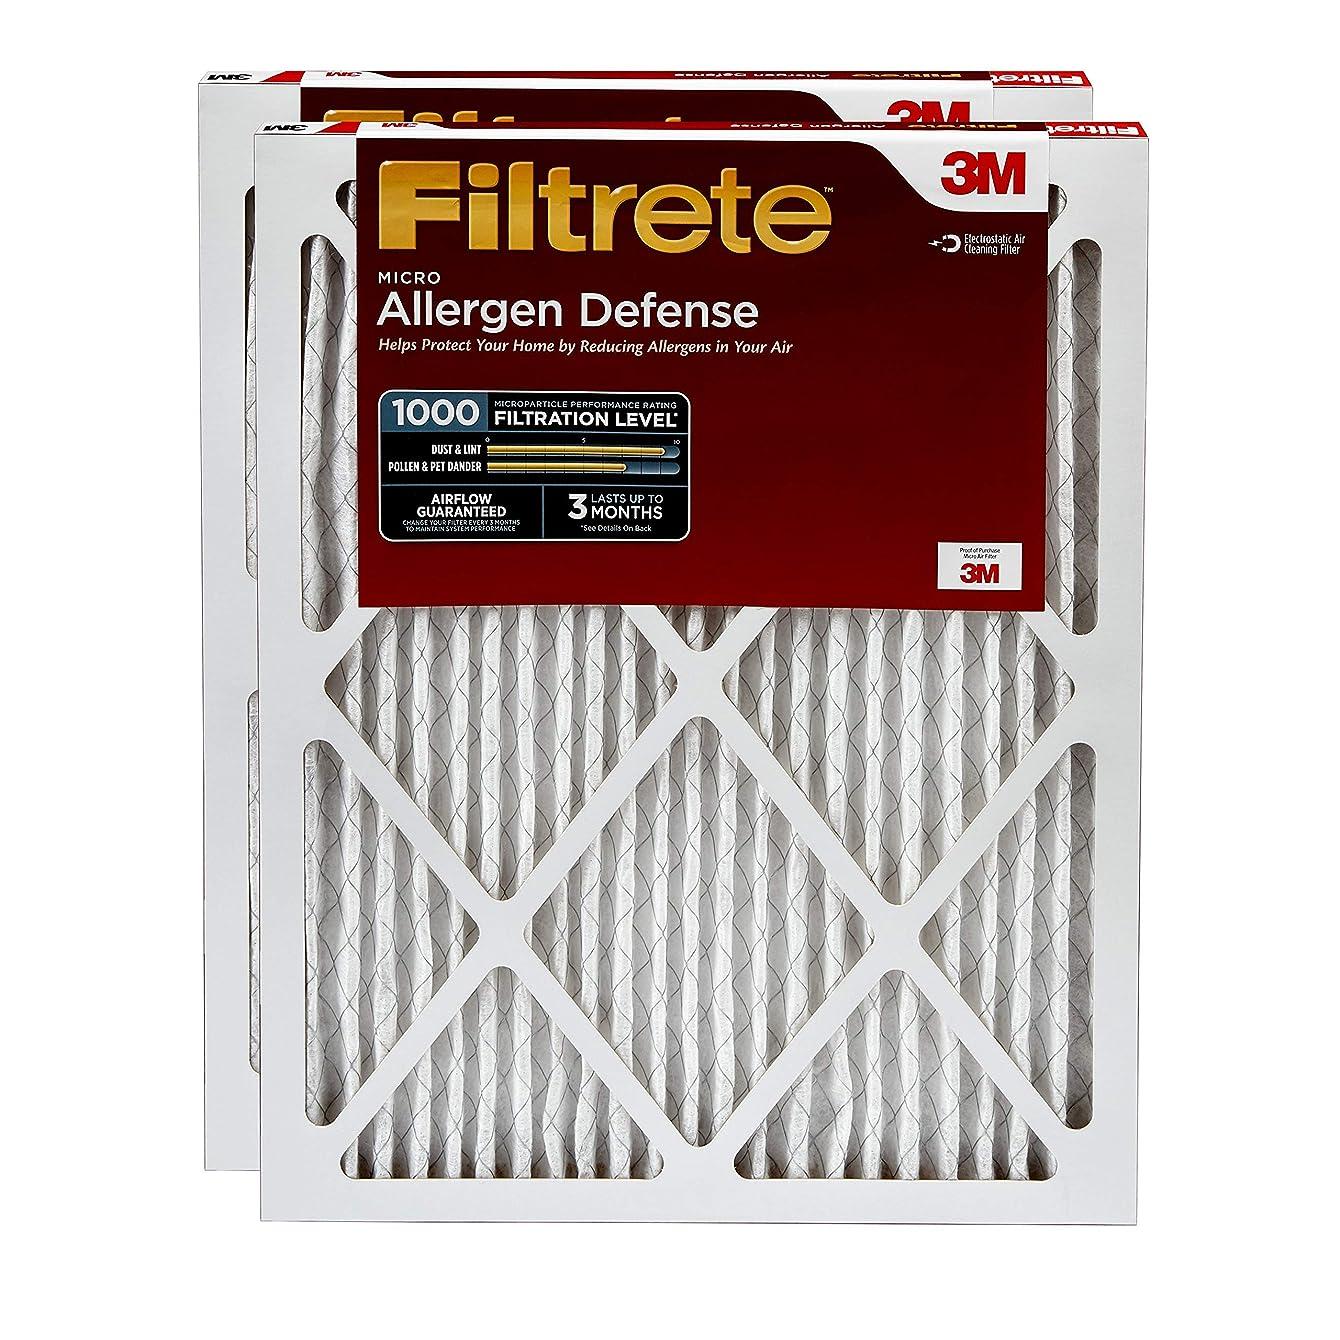 Filtrete 20x24x1, AC Furnace Air Filter, MPR 1000, Micro Allergen Defense, 2-Pack